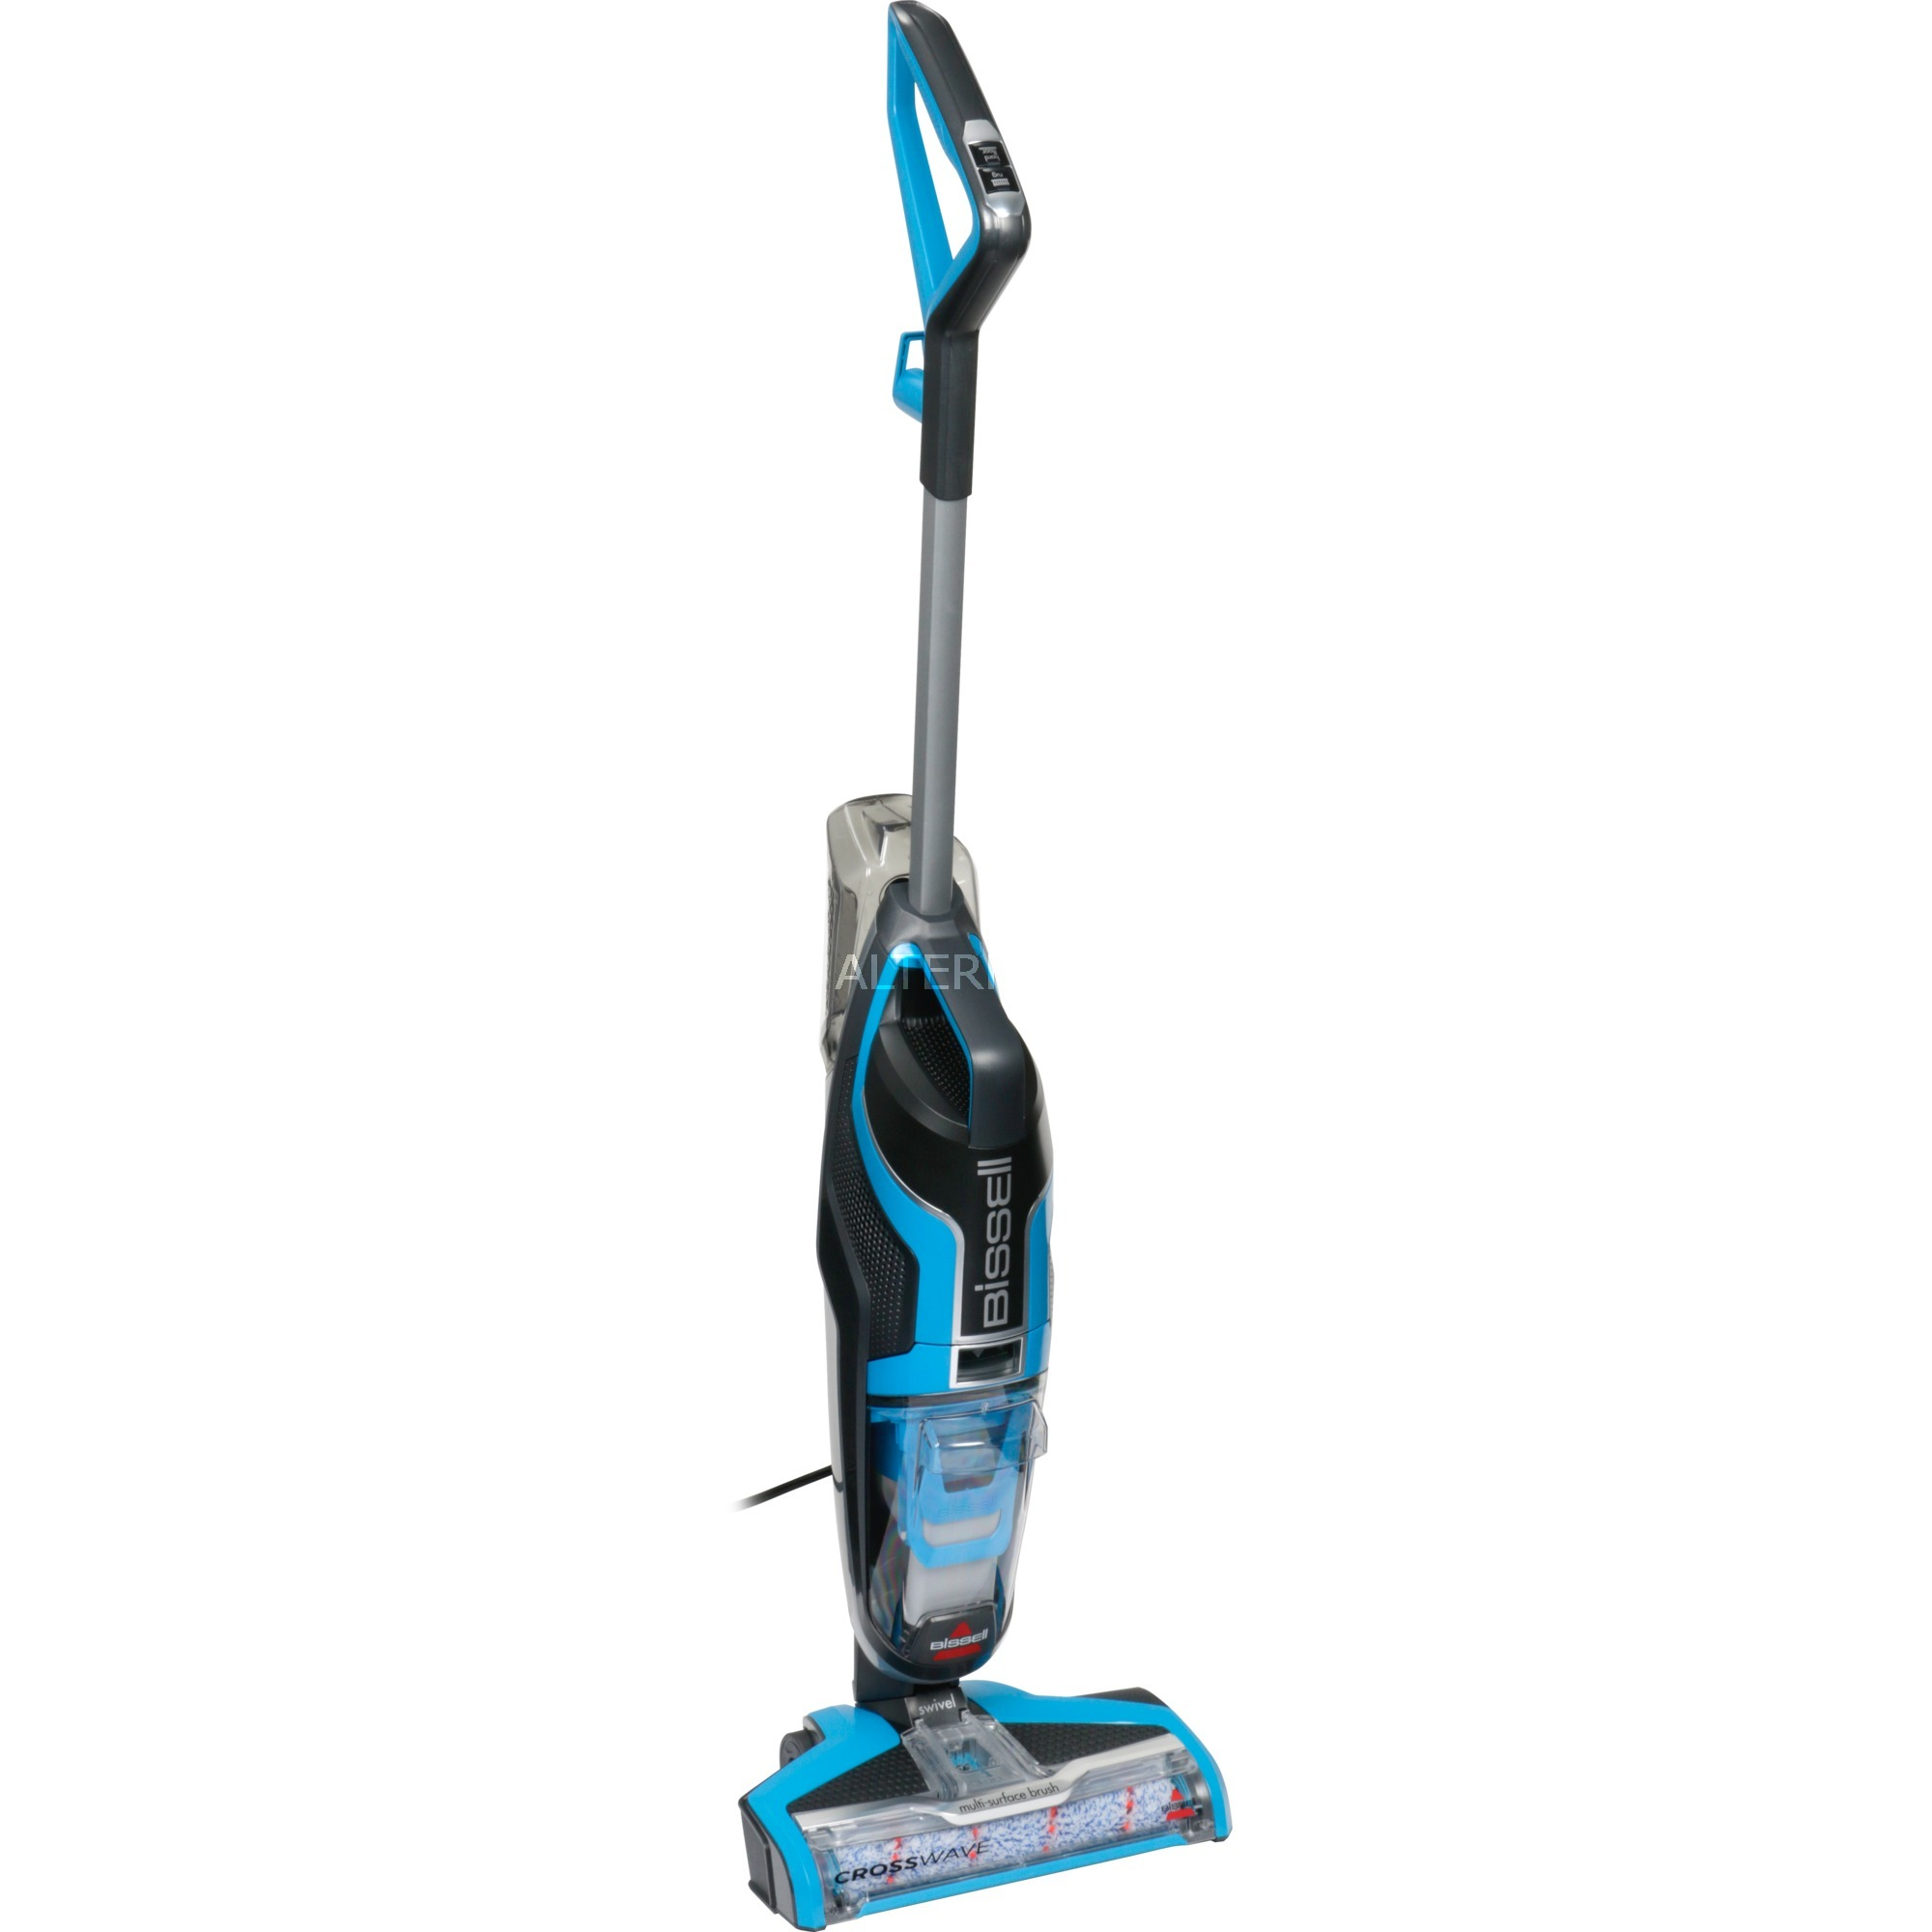 17132 Sin bolsa 0.62L 560W Azul, Titanio aspiradora de pie y escoba eléctrica, Aspiradora en húmedo y en seco